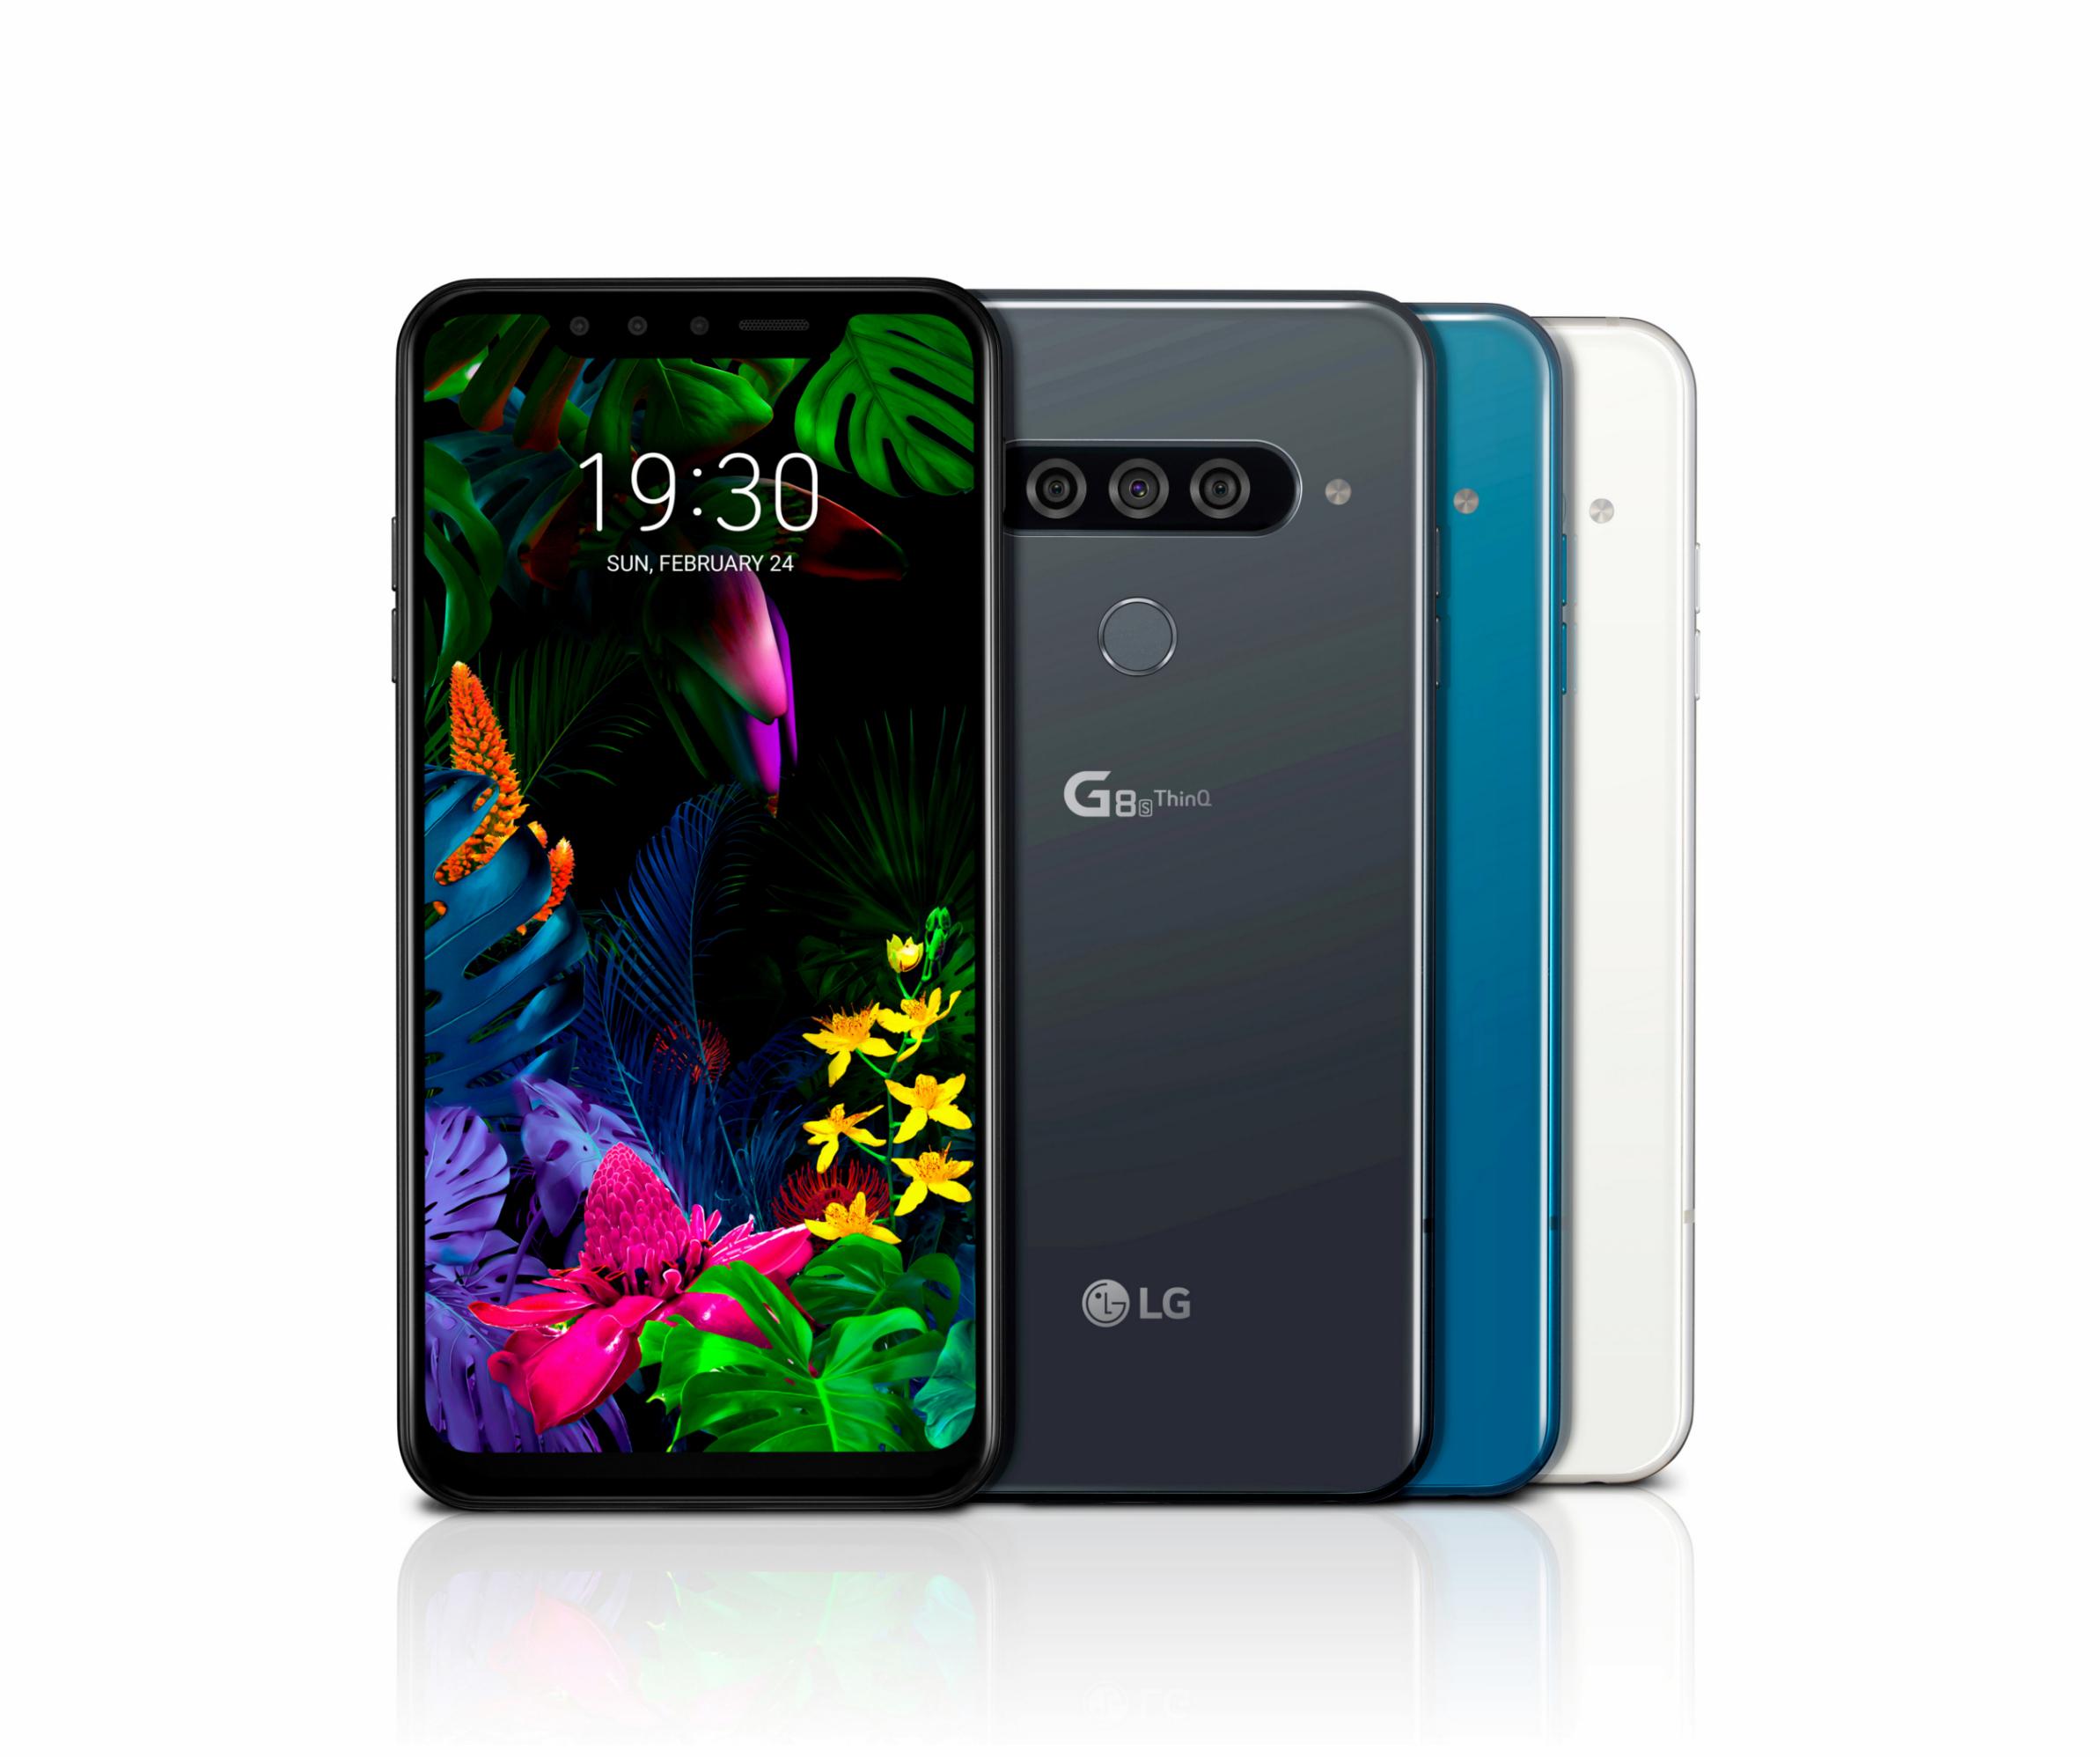 LG presenta el Thinq LG G8 en evento MWC